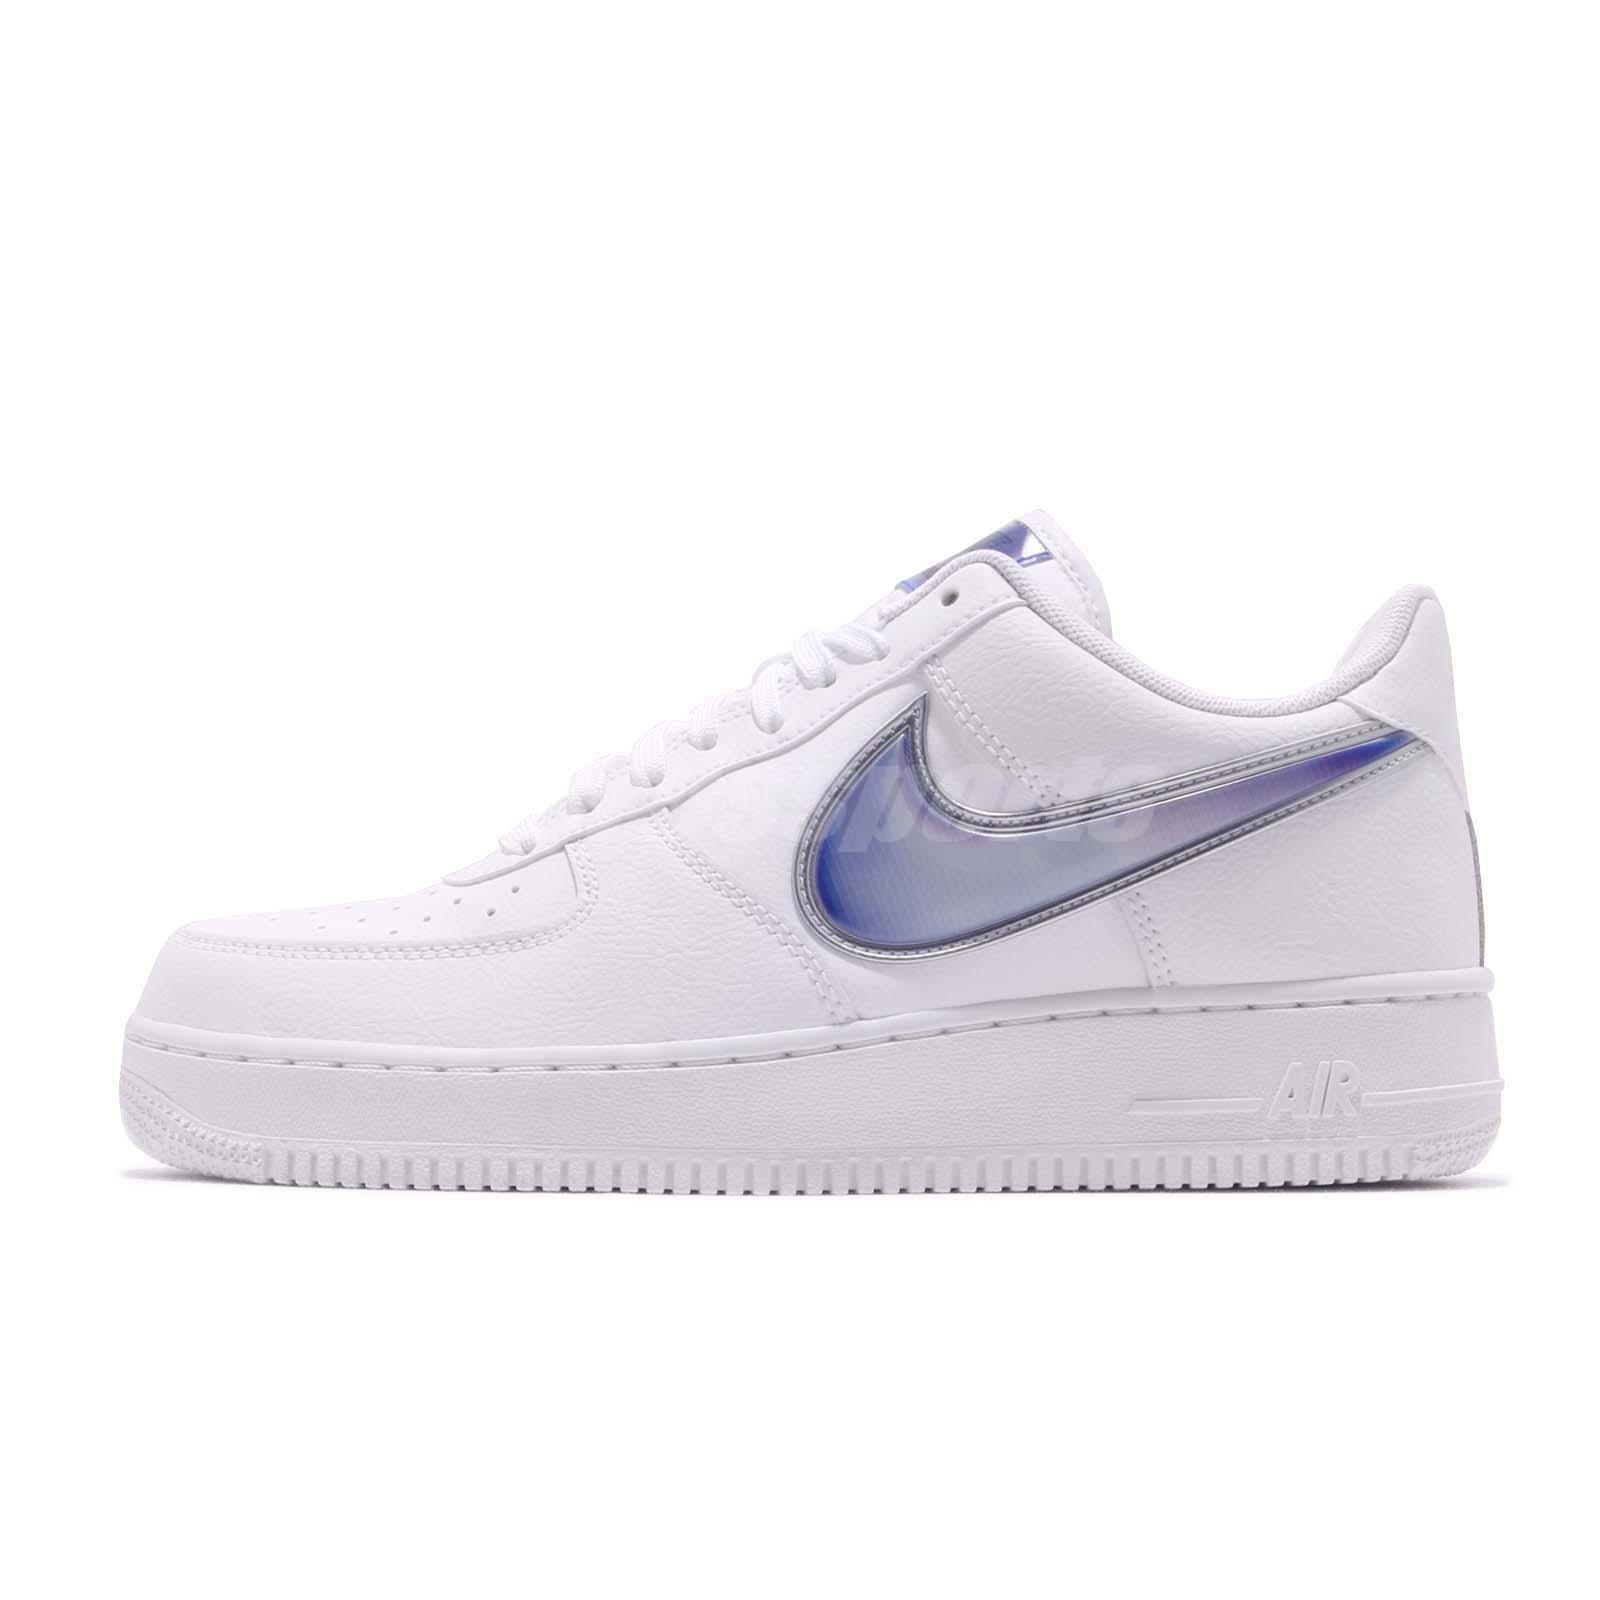 Detalles acerca de Nike Air Force 1 07 LV8 3 blanco azul Oversize Swoosh Informal Zapatos AF1 AO2441 101 mostrar título original